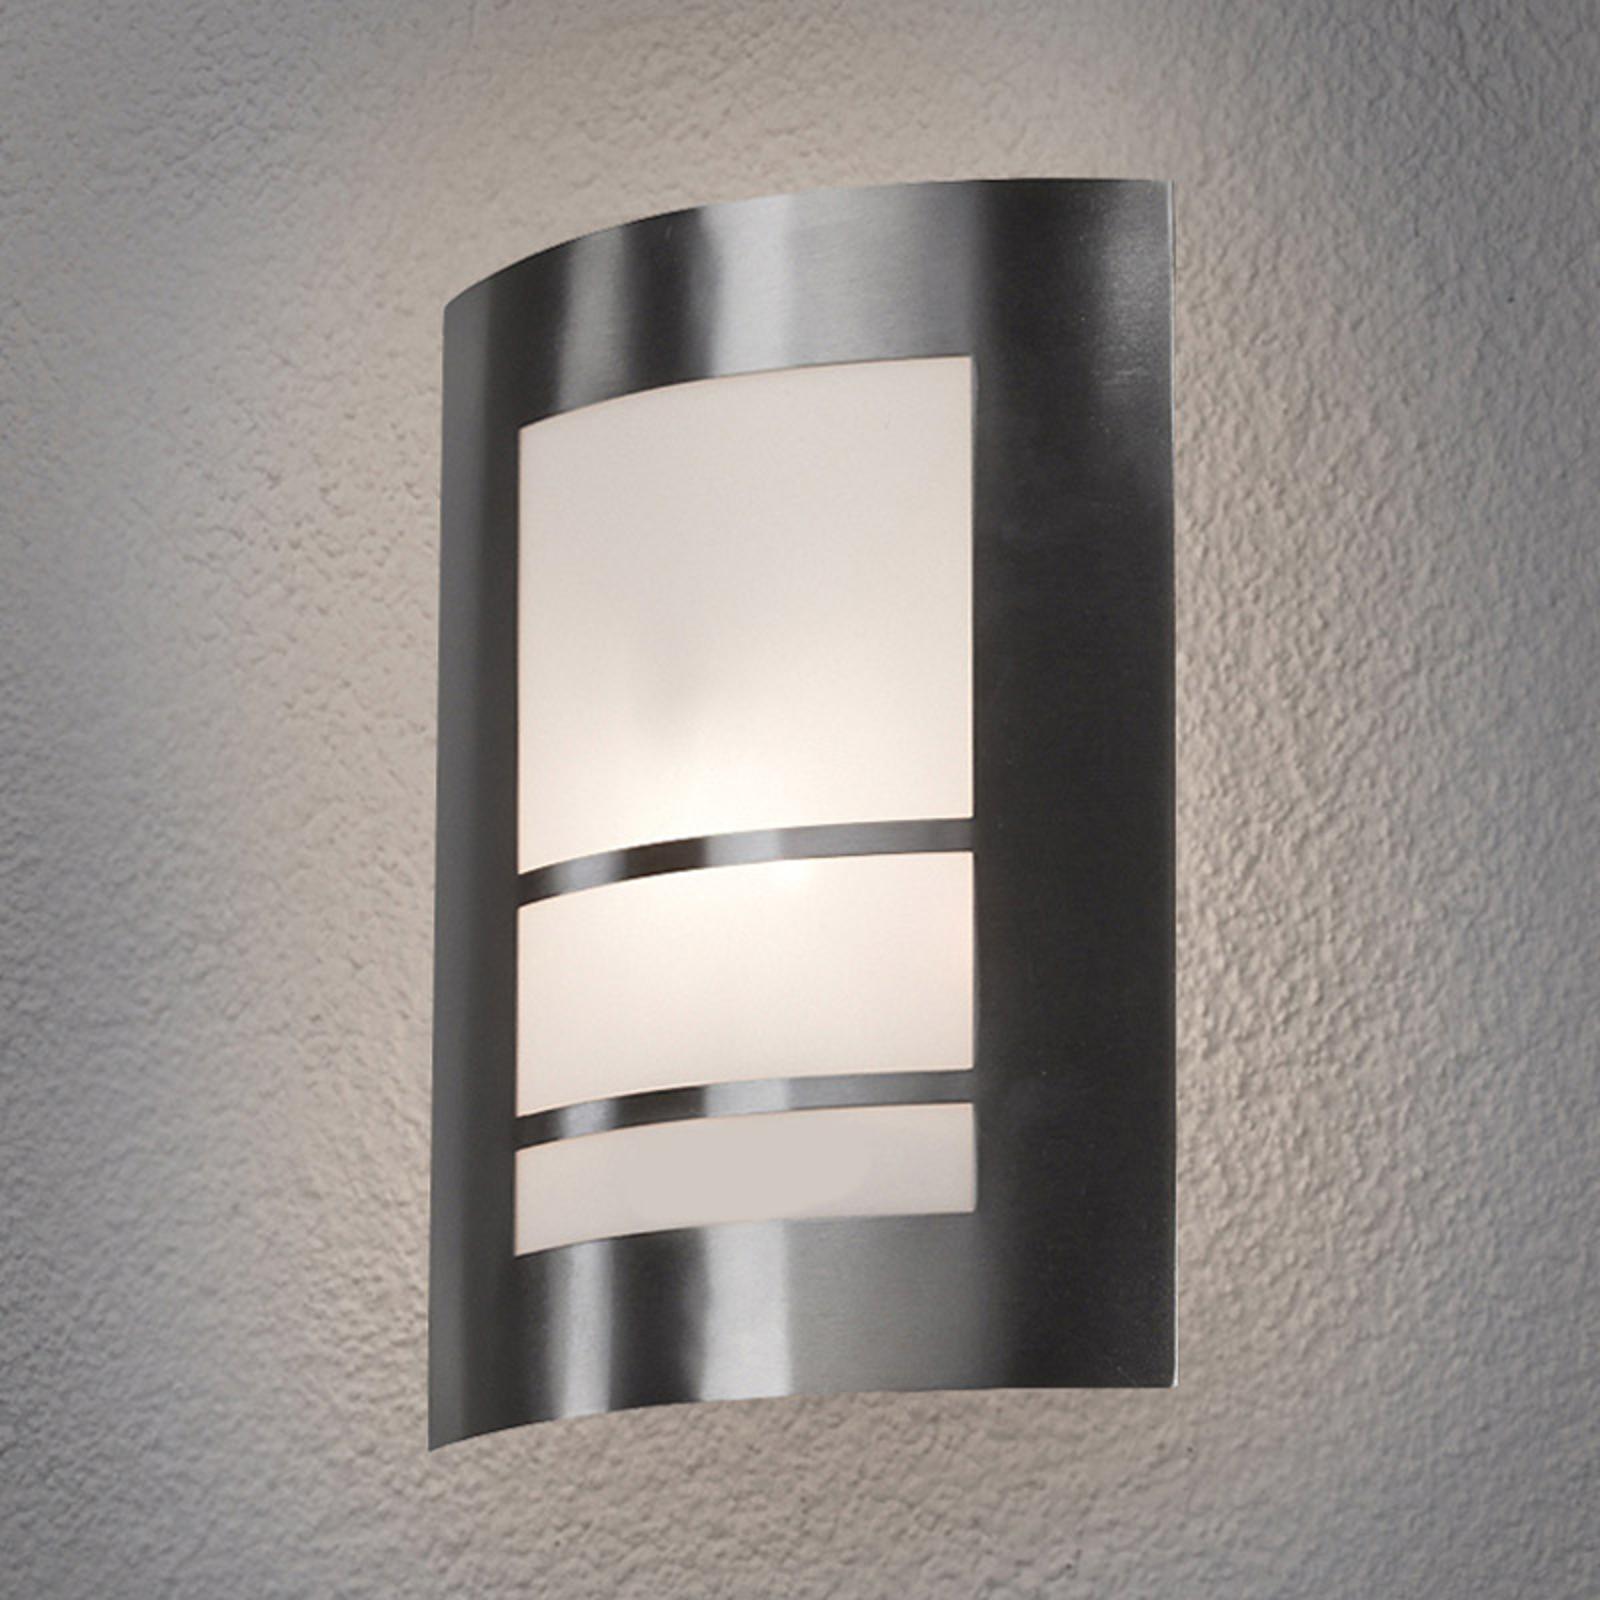 Kaunis LED-ulkoseinävalaisin Katalea hopeinen